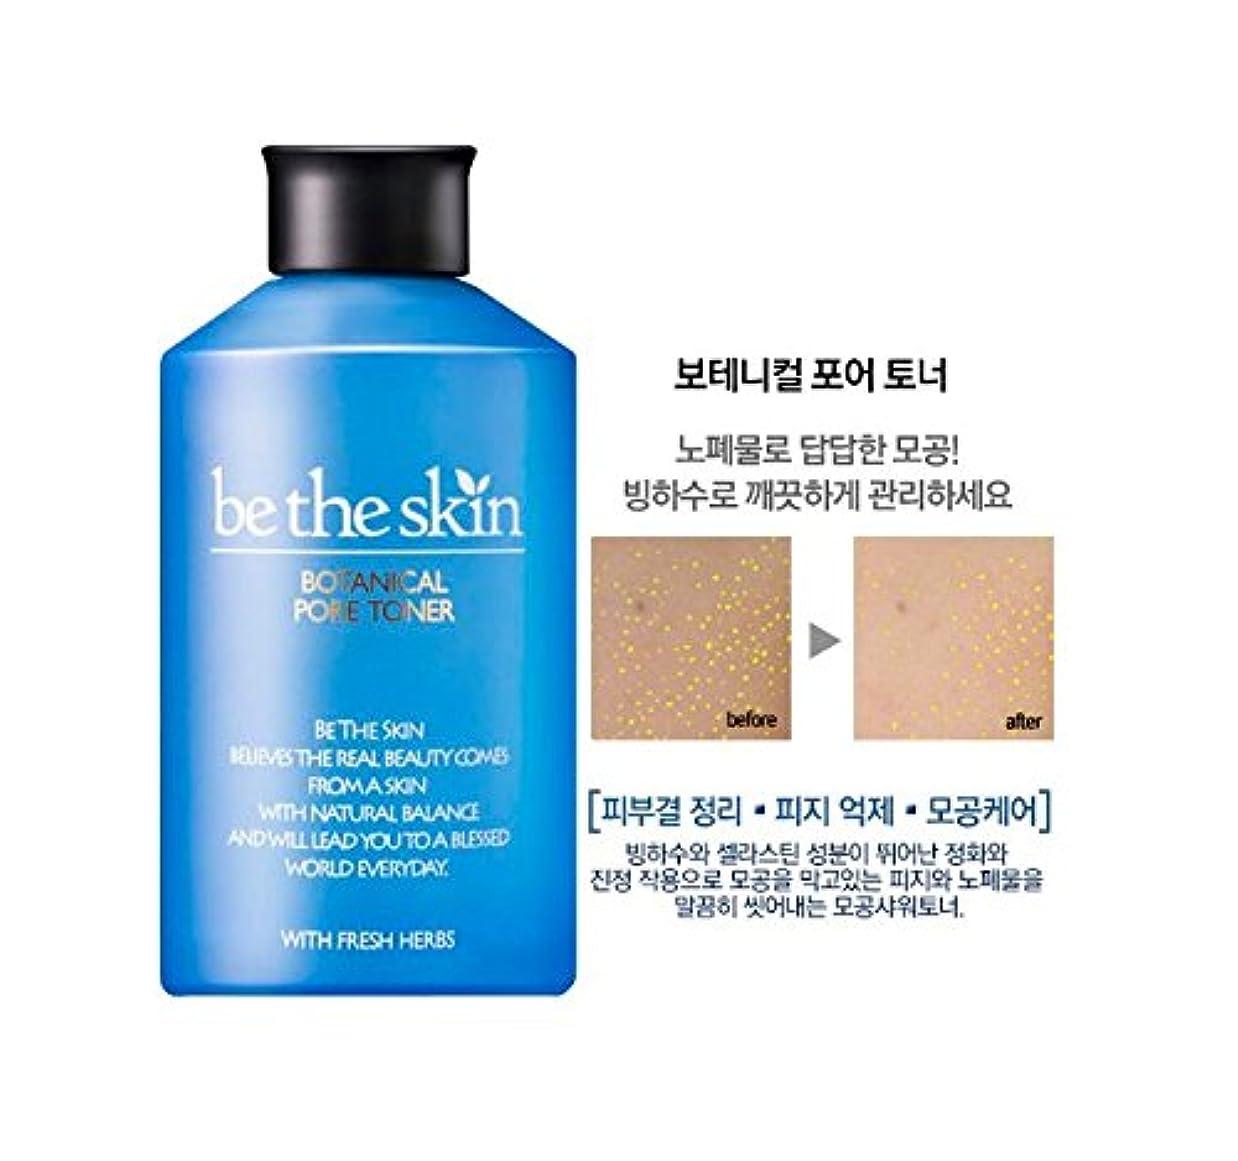 適応する回る宣伝Be the Skin ボタニカル ポア トナー / Botanical Pore Toner (150ml) [並行輸入品]